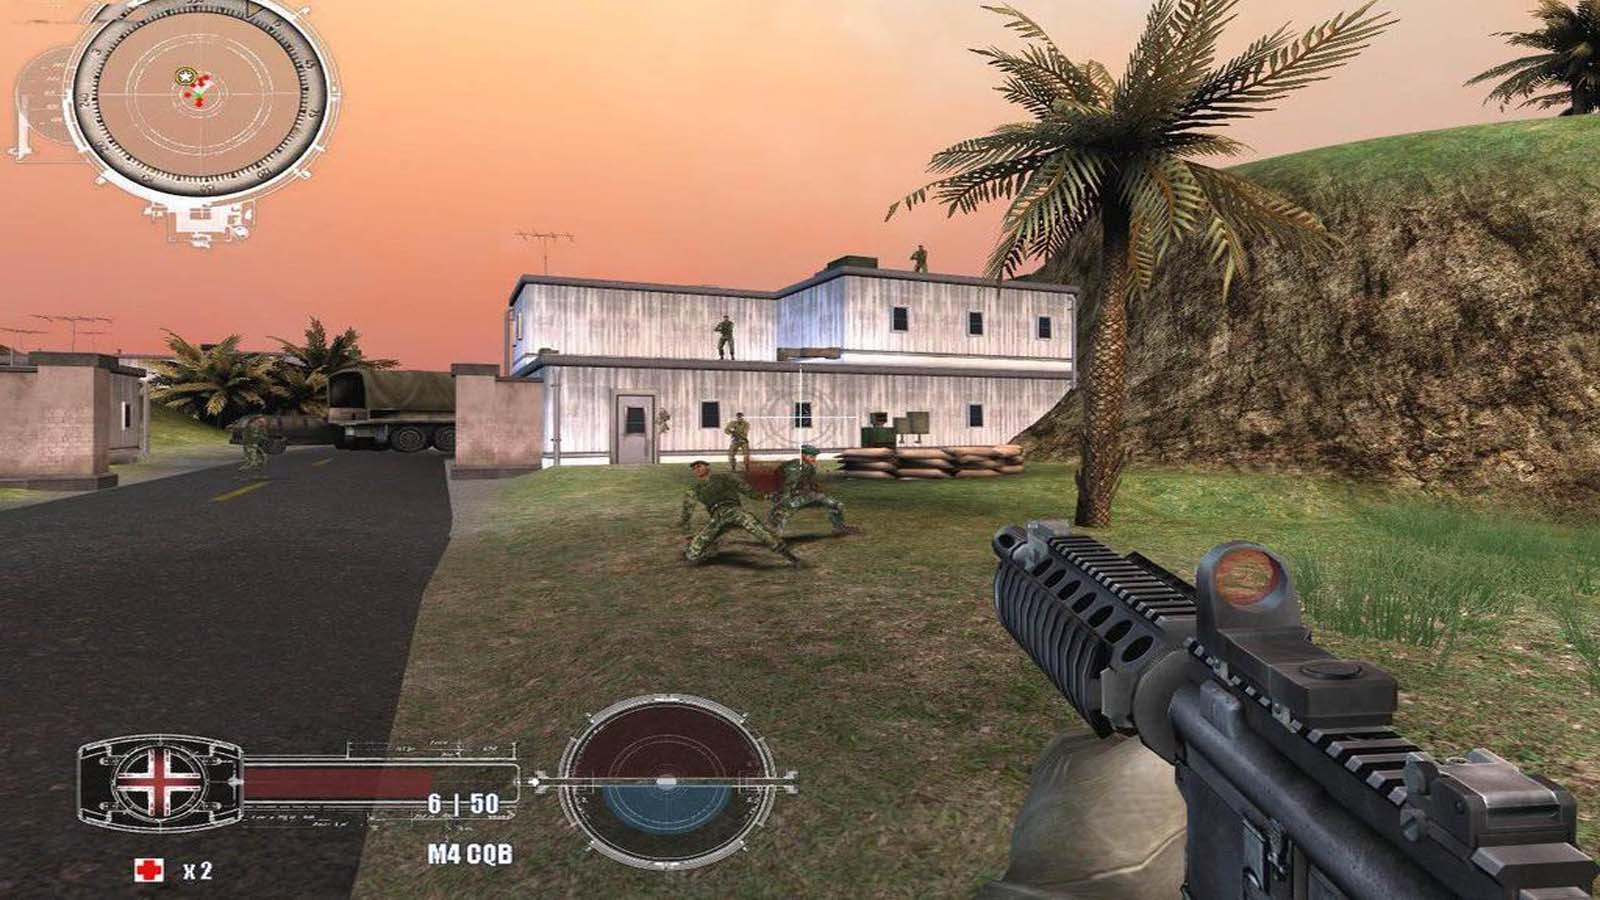 تحميل لعبة Marine Sharpshooter 4 مضغوطة برابط واحد مباشر كاملة مجانا